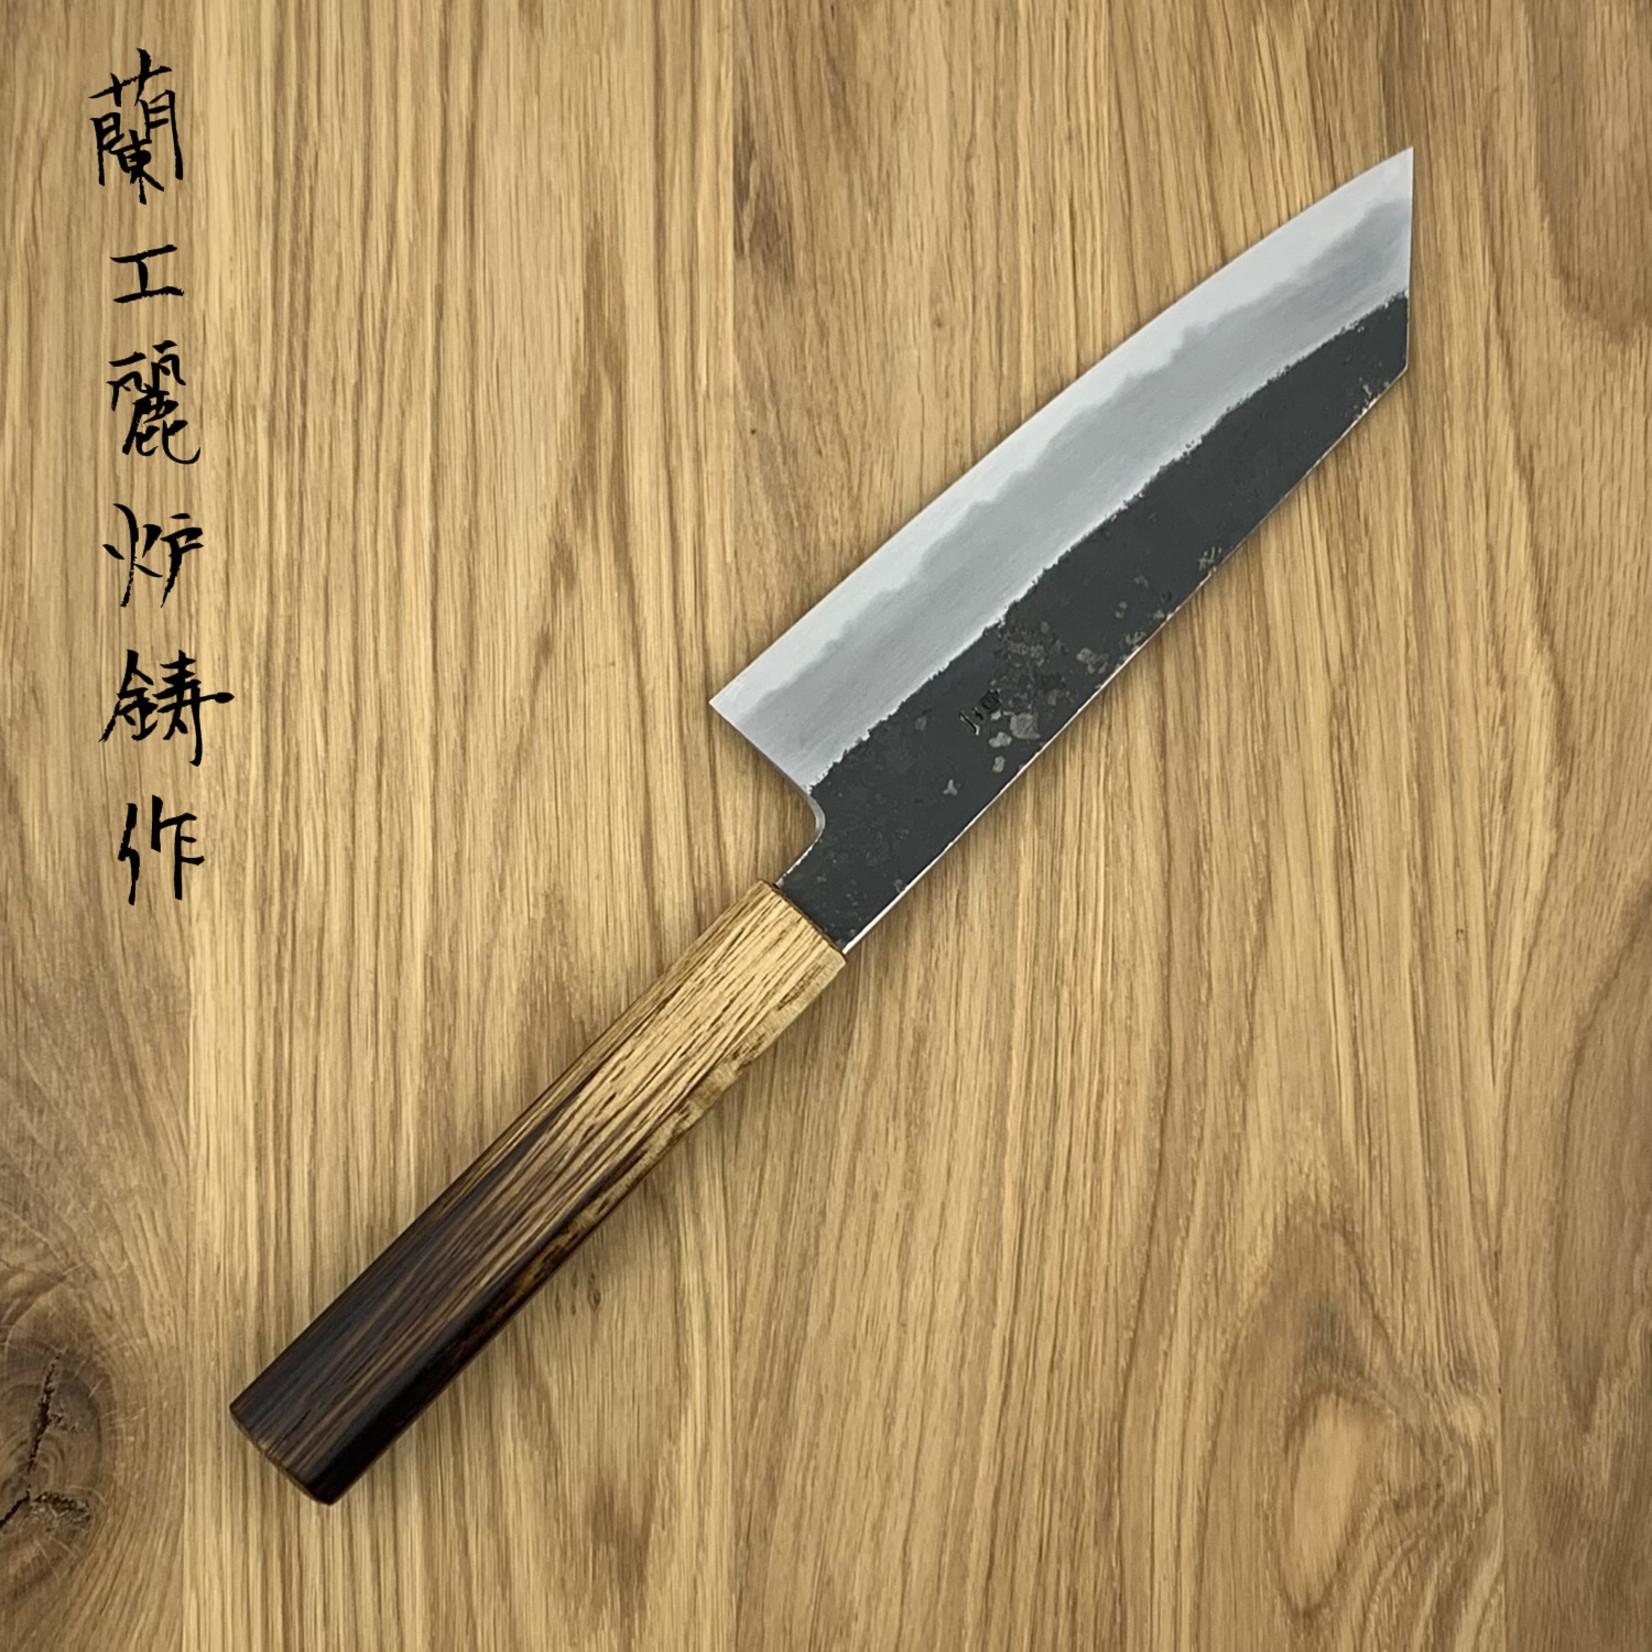 OUL SUMI Bunka 180 mm kurouichi white #2 WA burned oak